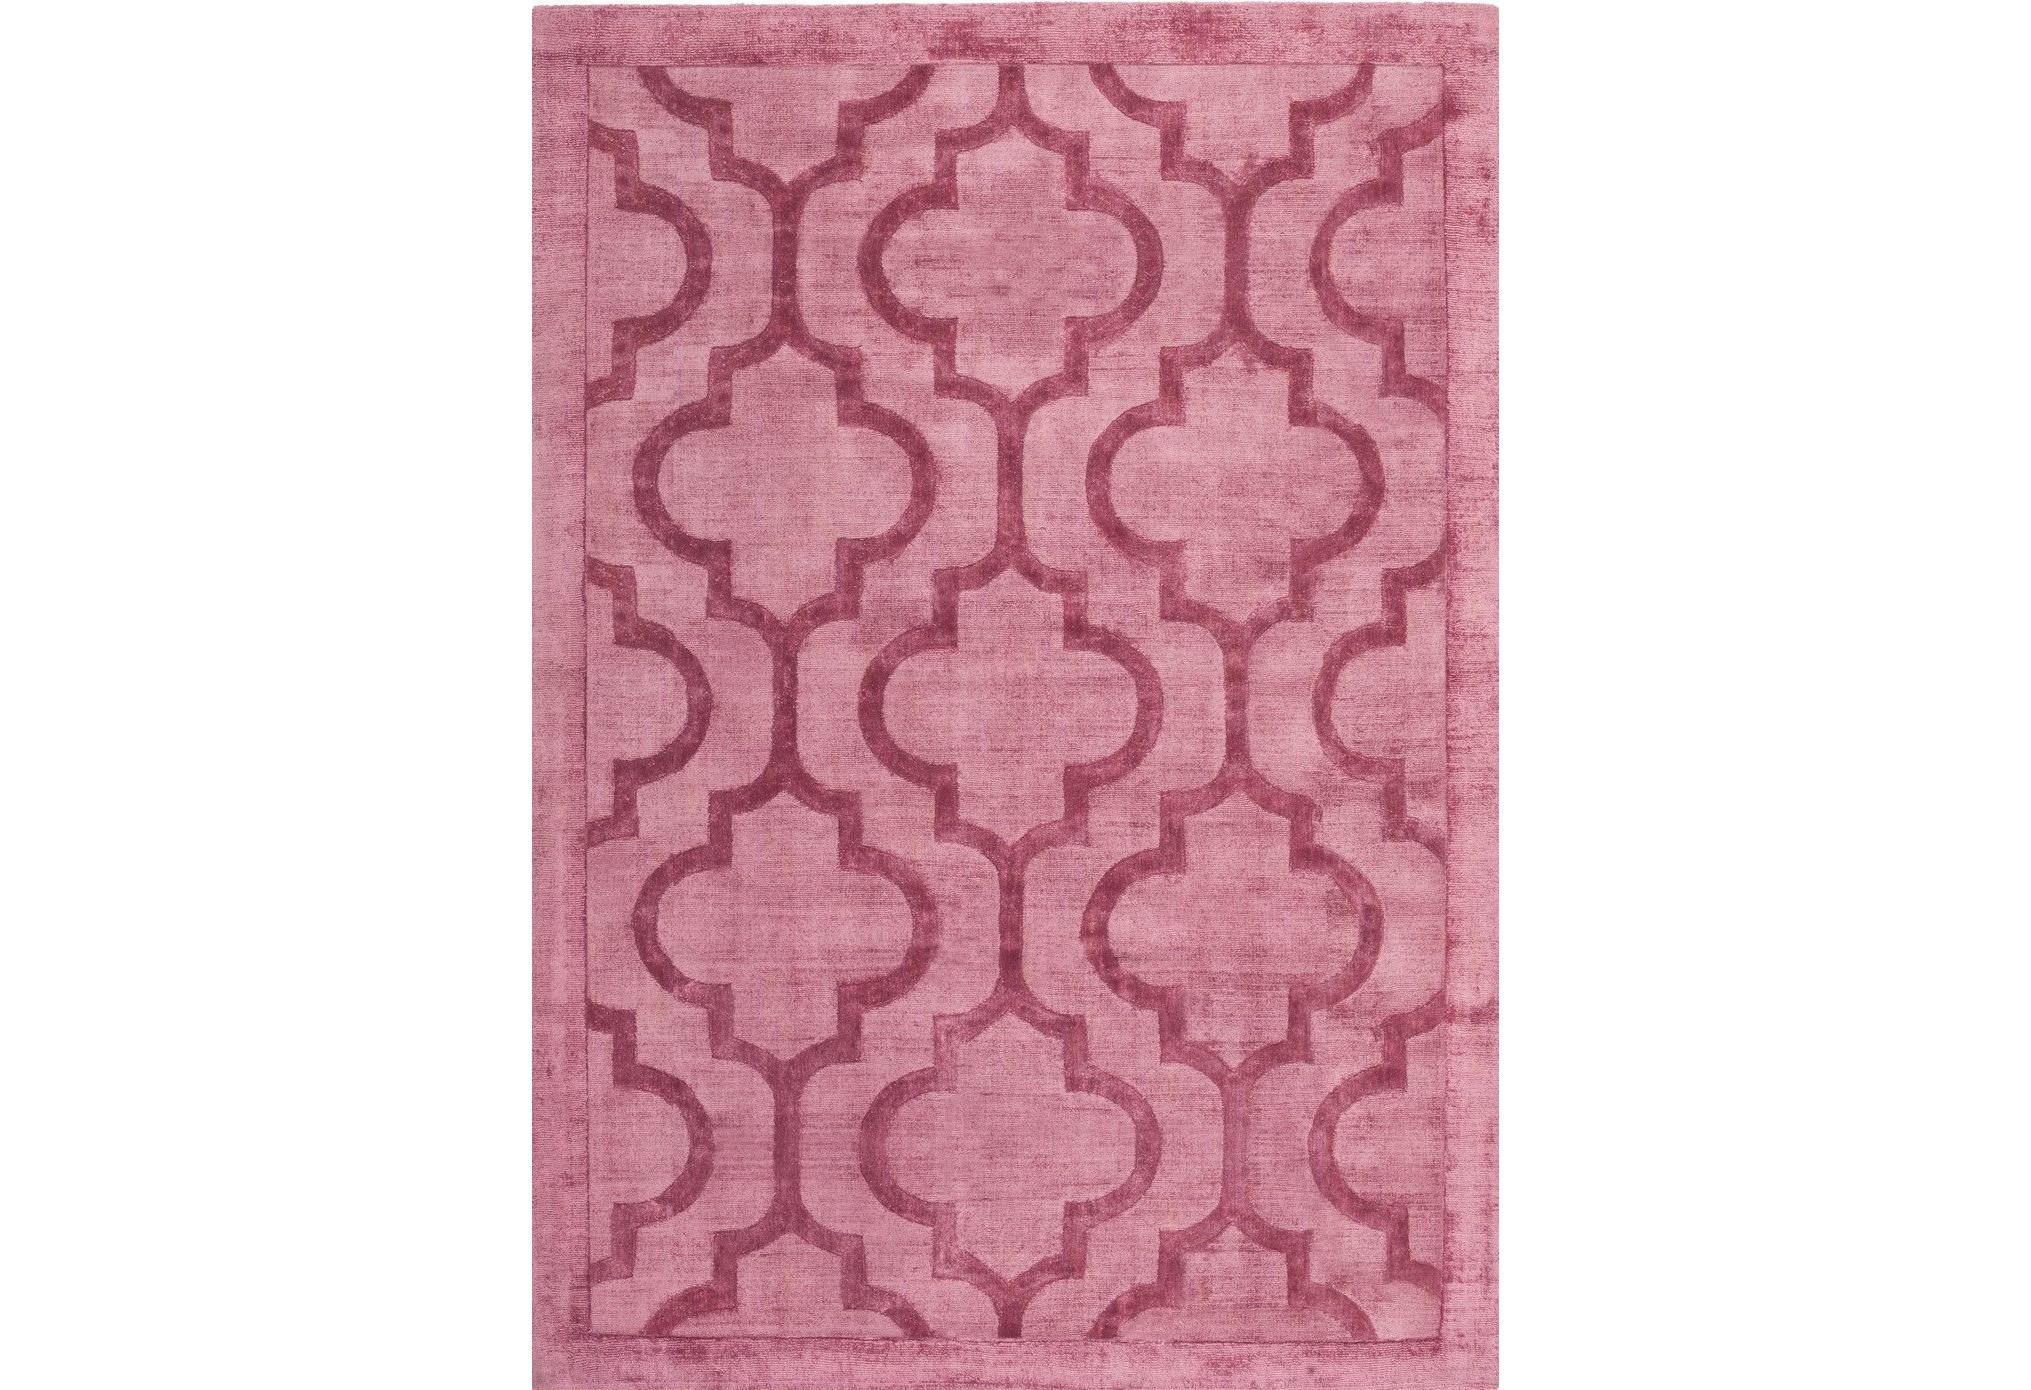 Ковер Eternity 200х290Прямоугольные ковры<br>Мягкие и шелковистые ковры ручной работы, очень красиво блестят и переливаются в зависимости от освещения в интерьере. При дневном освещении оттенок может быть бледнее, при искусственном более насыщенным.&amp;lt;div&amp;gt;&amp;lt;br&amp;gt;&amp;lt;/div&amp;gt;&amp;lt;div&amp;gt;Основа - хлопок.&amp;lt;/div&amp;gt;<br><br>Material: Шерсть<br>Ширина см: 200<br>Глубина см: 290